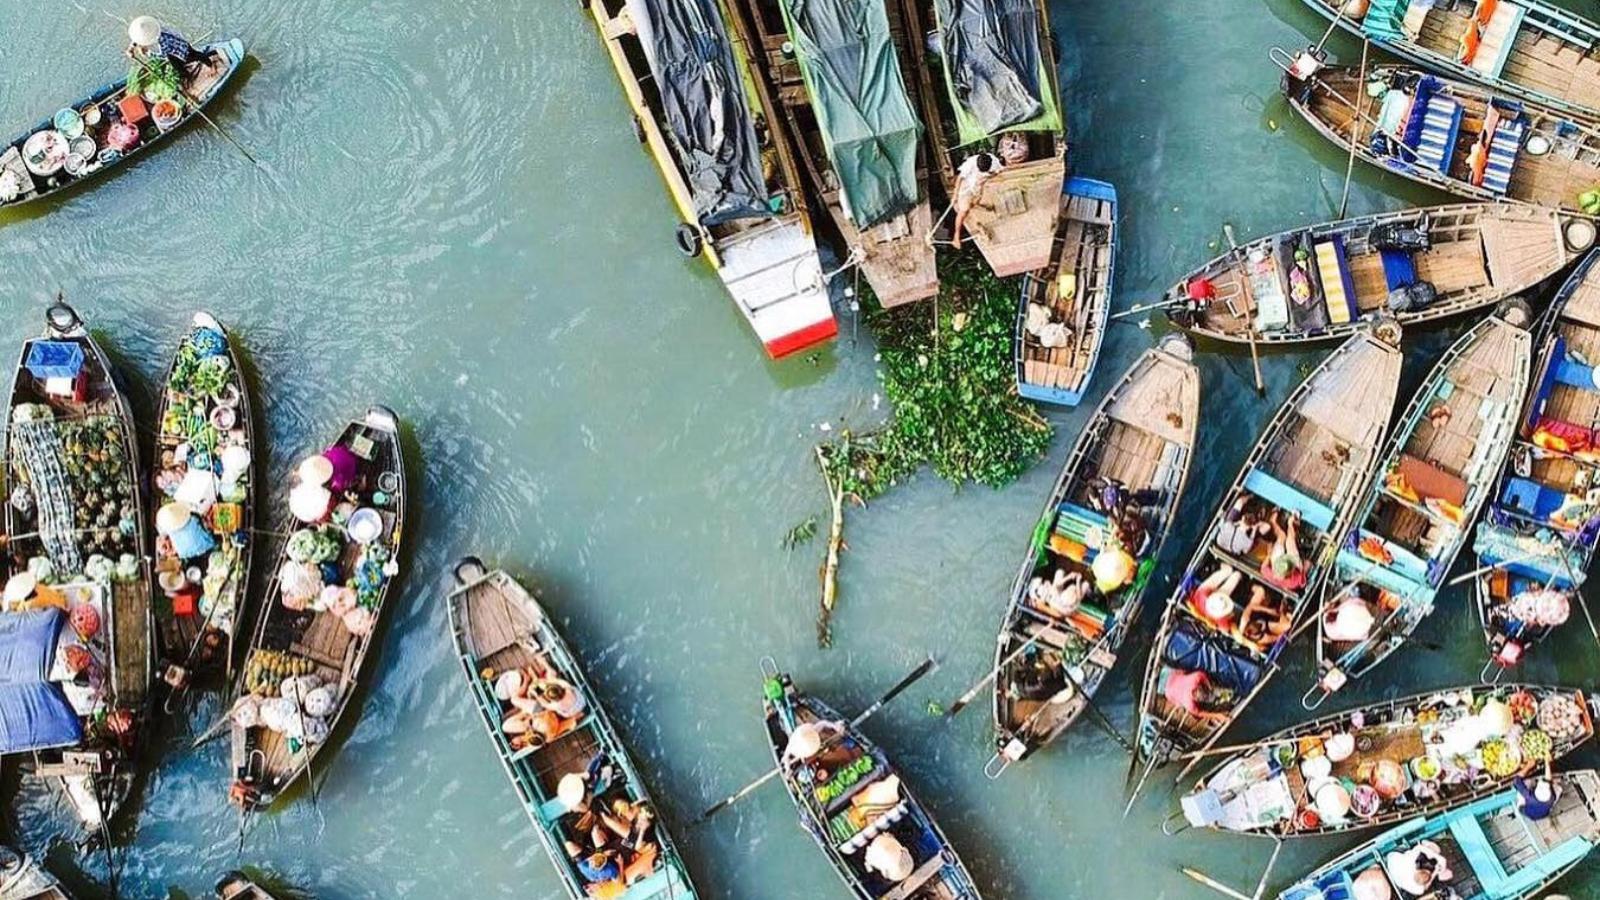 Chợ nổi Cái Bè tỉnh Tiền Giang